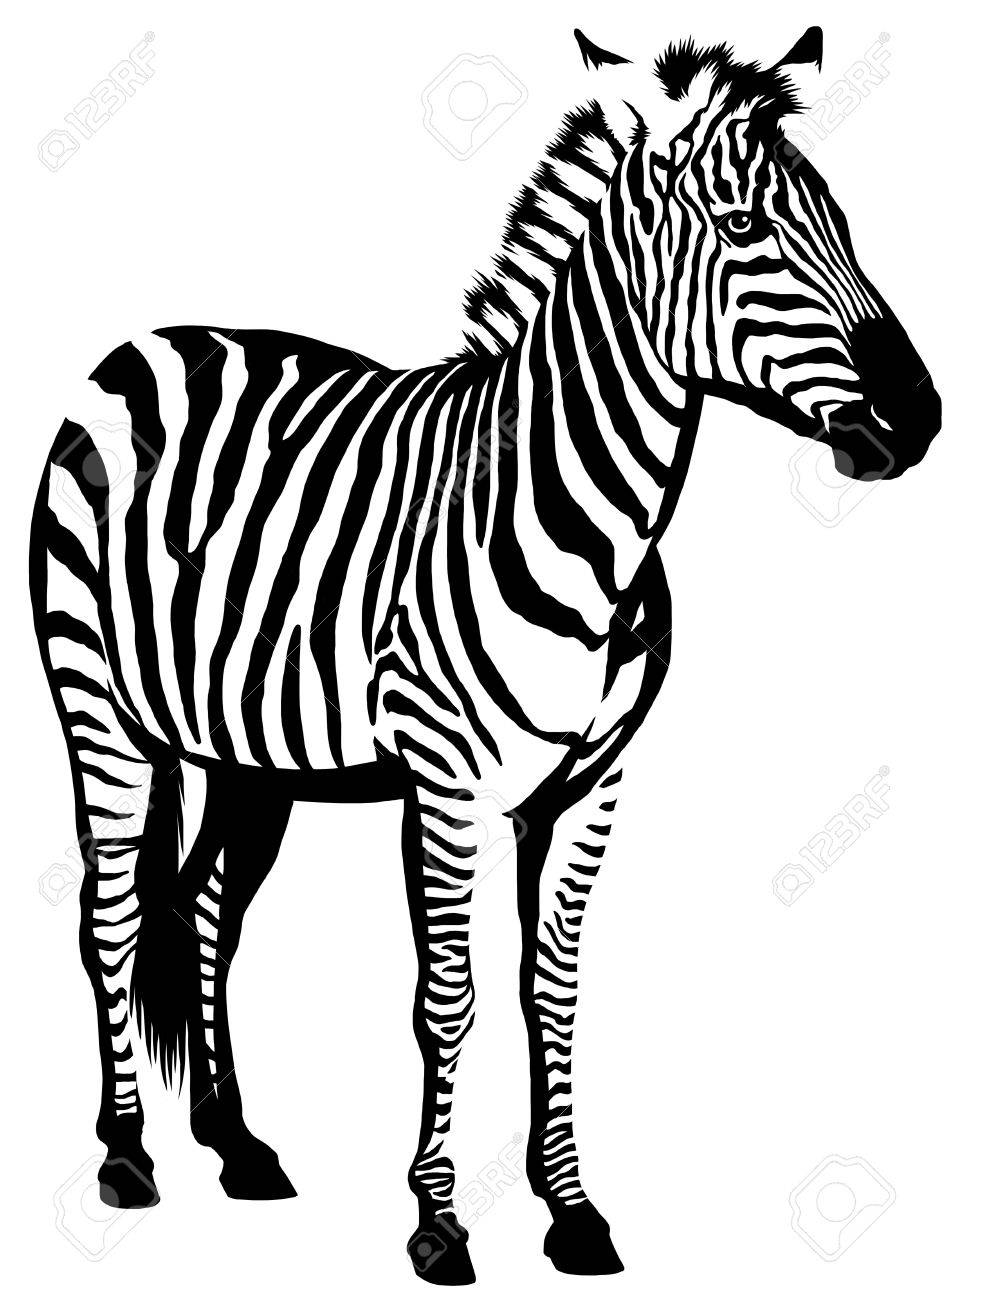 Erfreut Zebra Farbseite Galerie - Druckbare Malvorlagen - amaichi.info